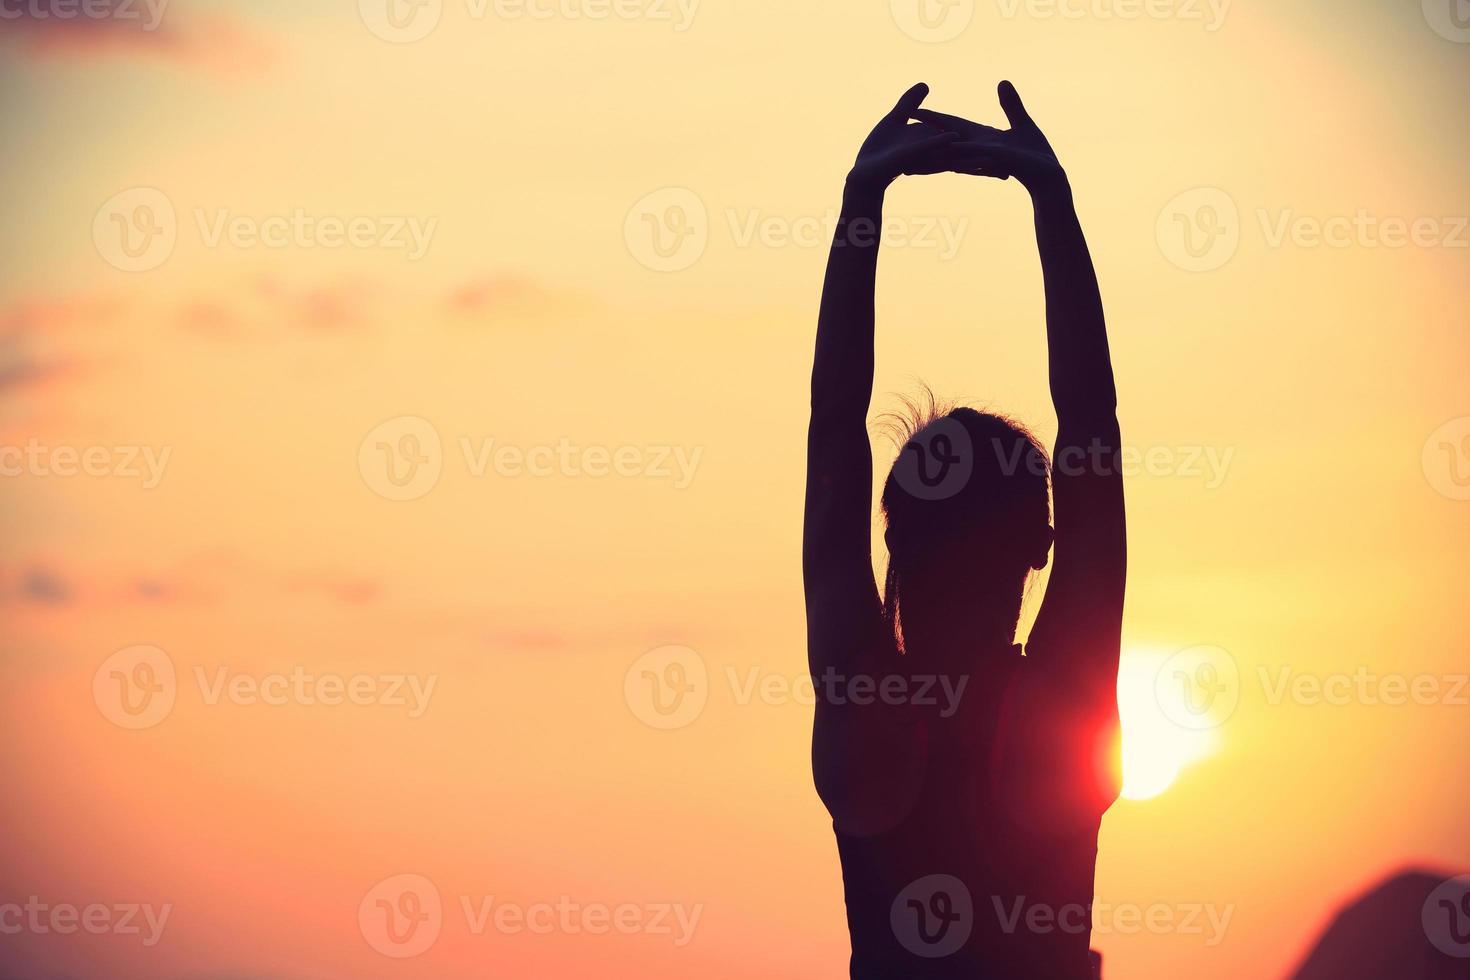 femme de yoga de remise en forme saine étirement des bras au lever du soleil bord de mer photo